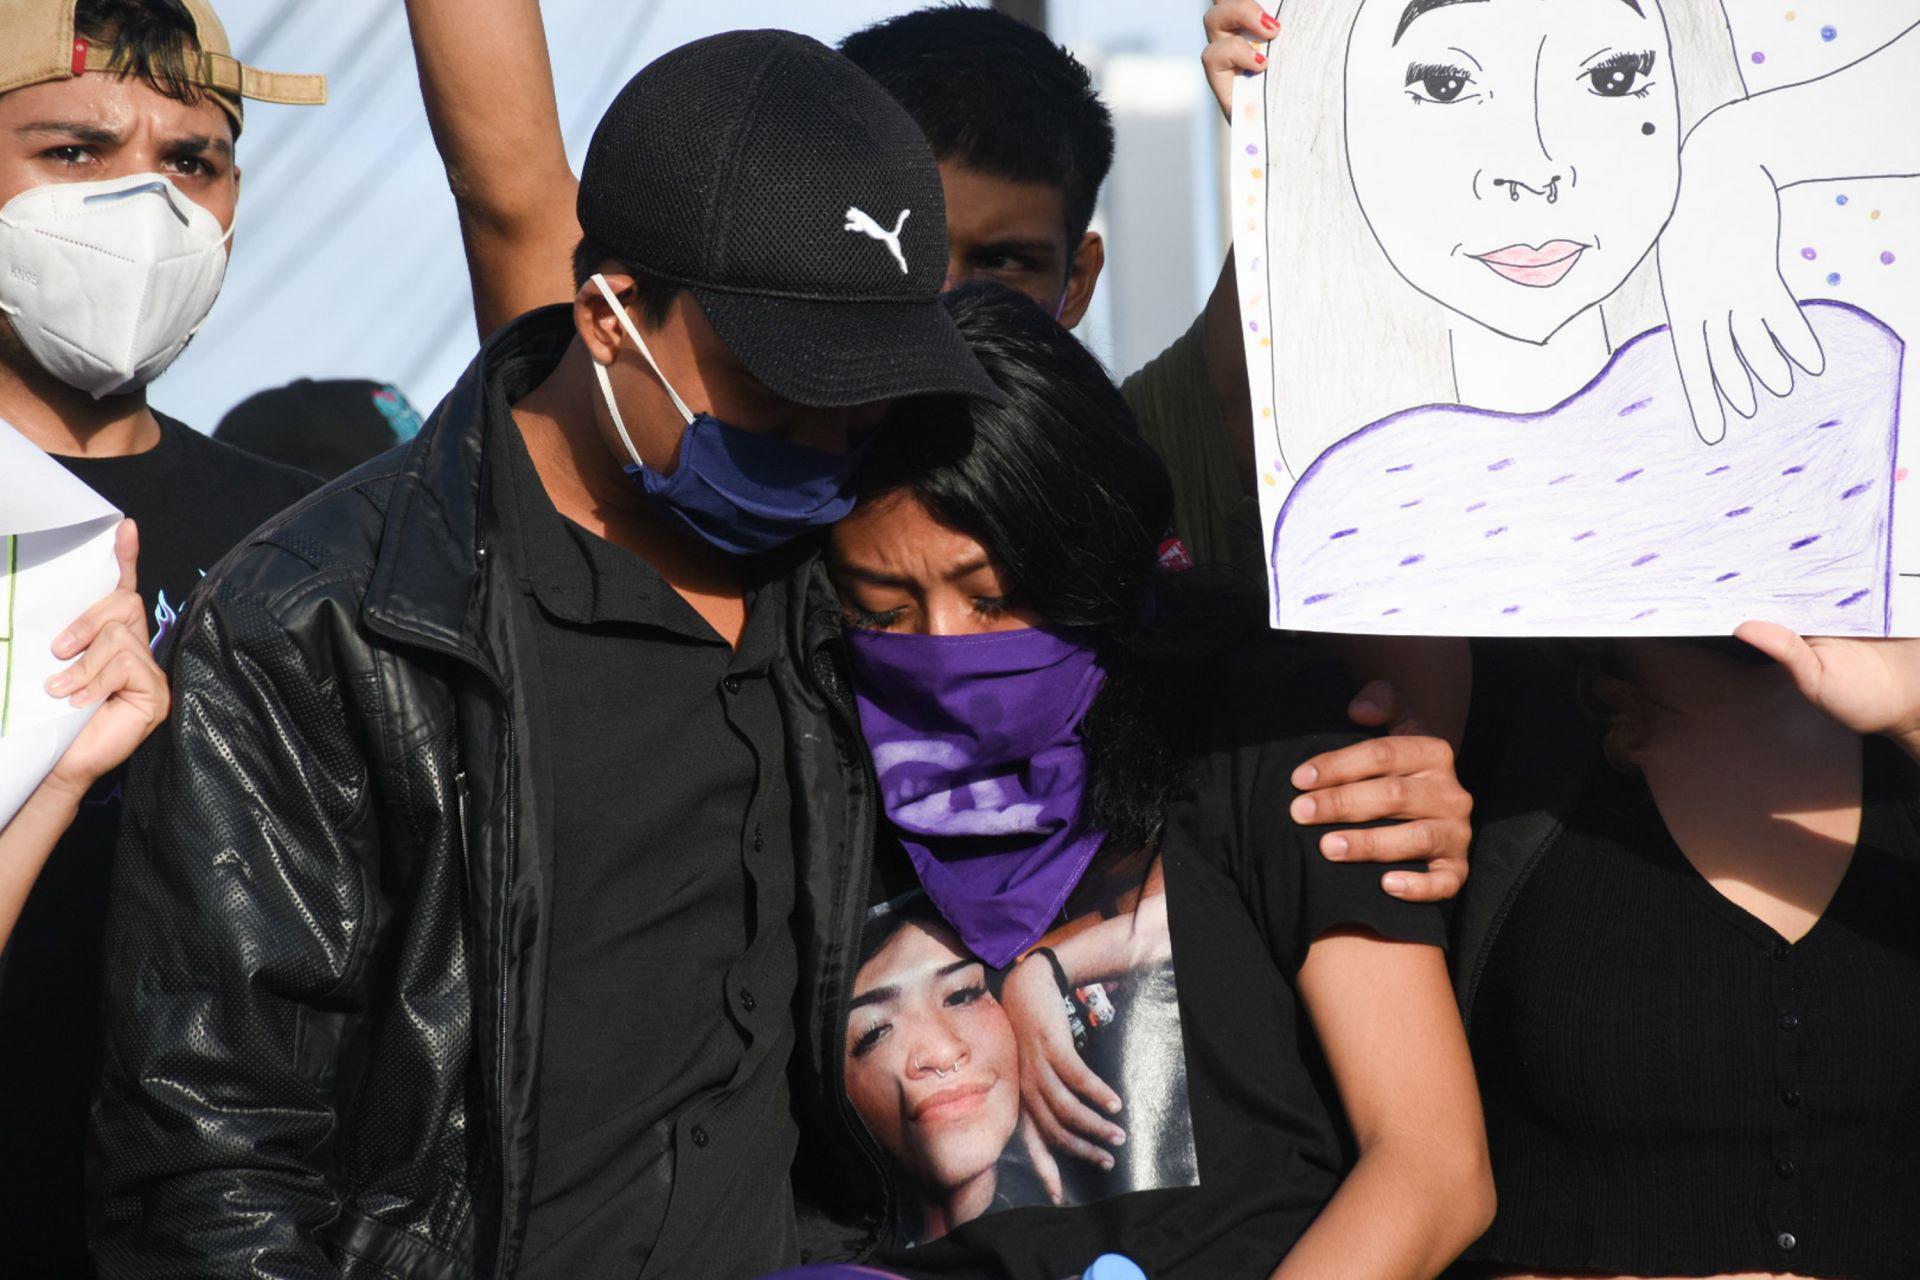 CANCÚN, QUINTANA ROO, 09NOVIEMBRE2020.- Familiares, amigos y mujeres se manifestaron por el feminicidio de Vianca Alejandría, quien estaba desaparecida y el día de ayer apareció su cuerpo, en el municipio de Benito Juárez. Los inconformes se concentraron en las inmediaciones de la fiscalía del estado, ahí rompieron y quemaron inmobiliario de la dependencia para exigir justicia. FOTO: ELIZABETH RUIZ/CUARTOSCURO.COM